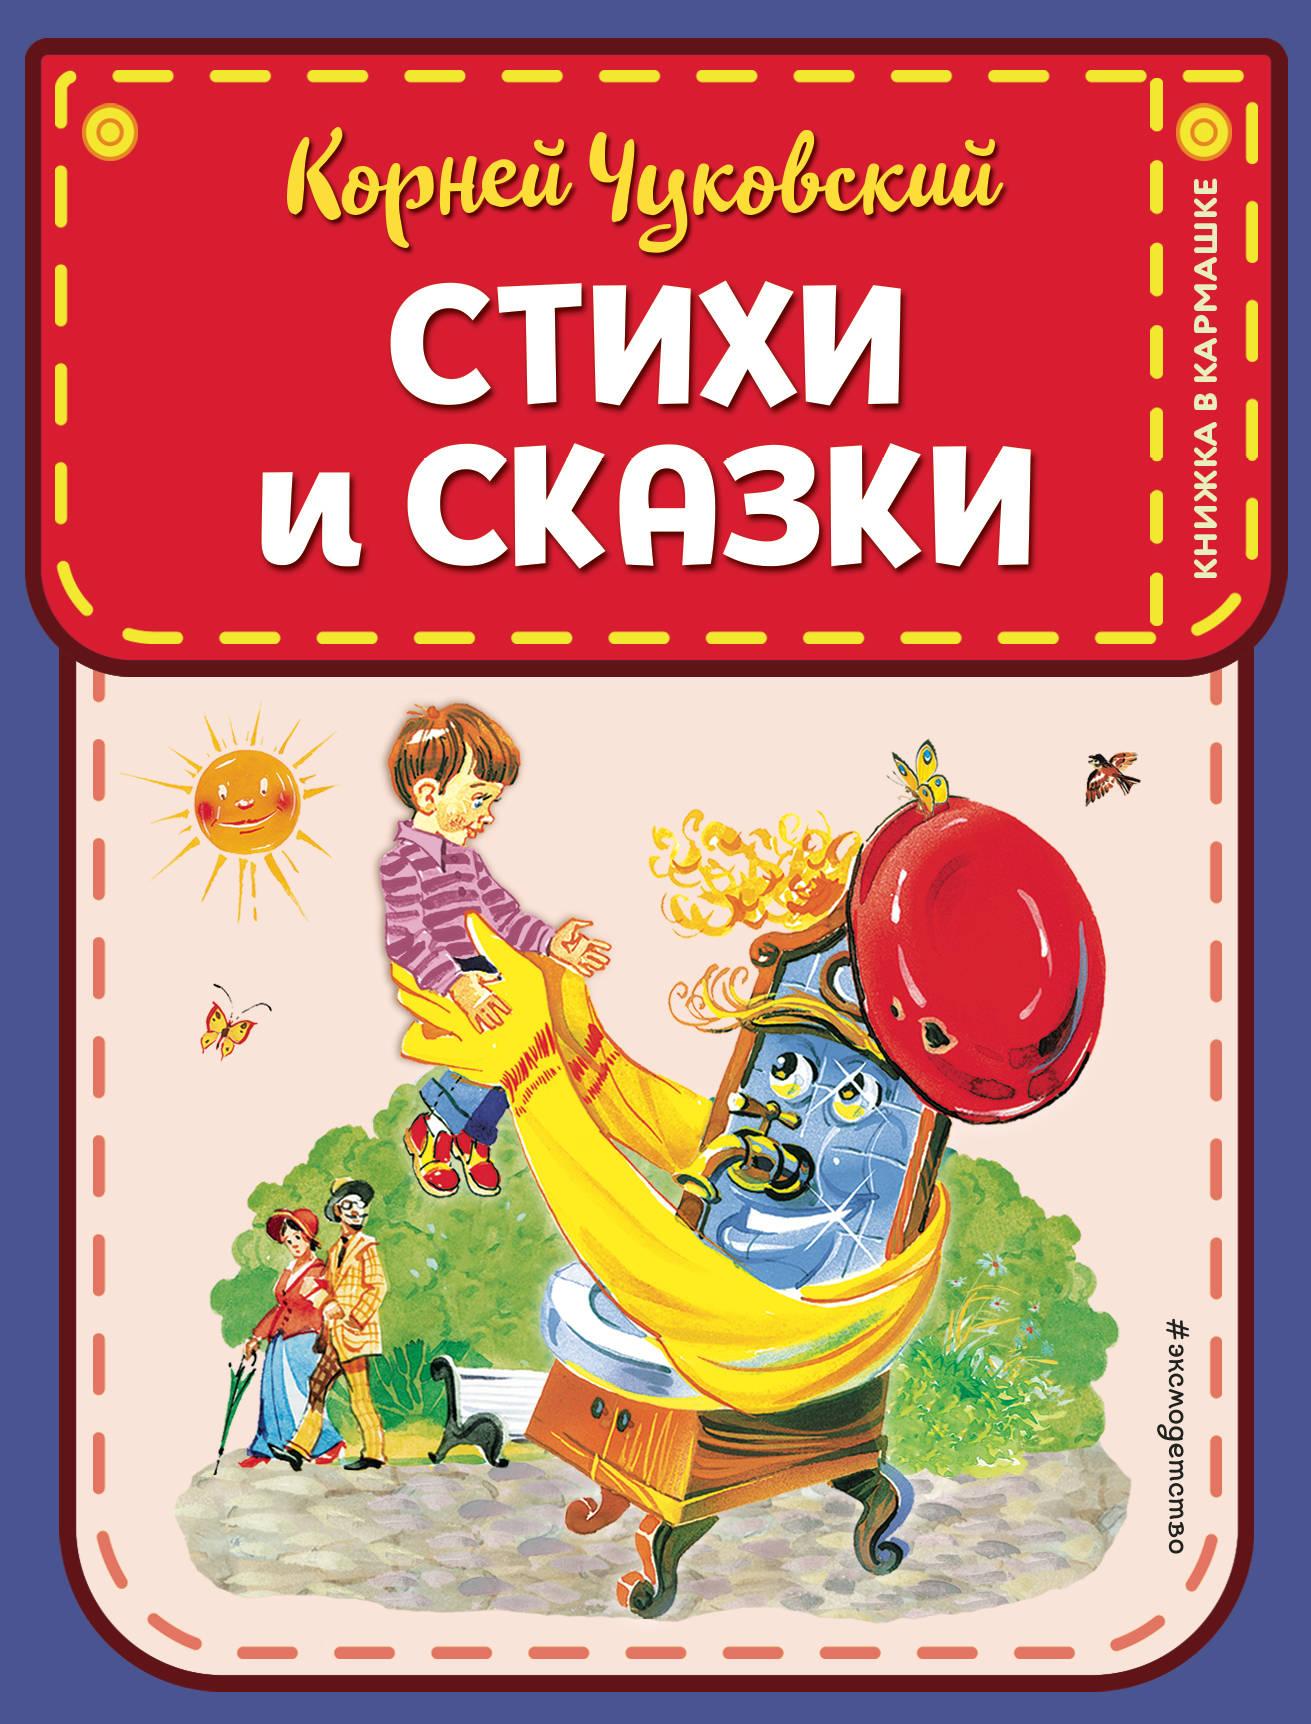 Корней Чуковский. Стихи и сказки | Чуковский Корней Иванович